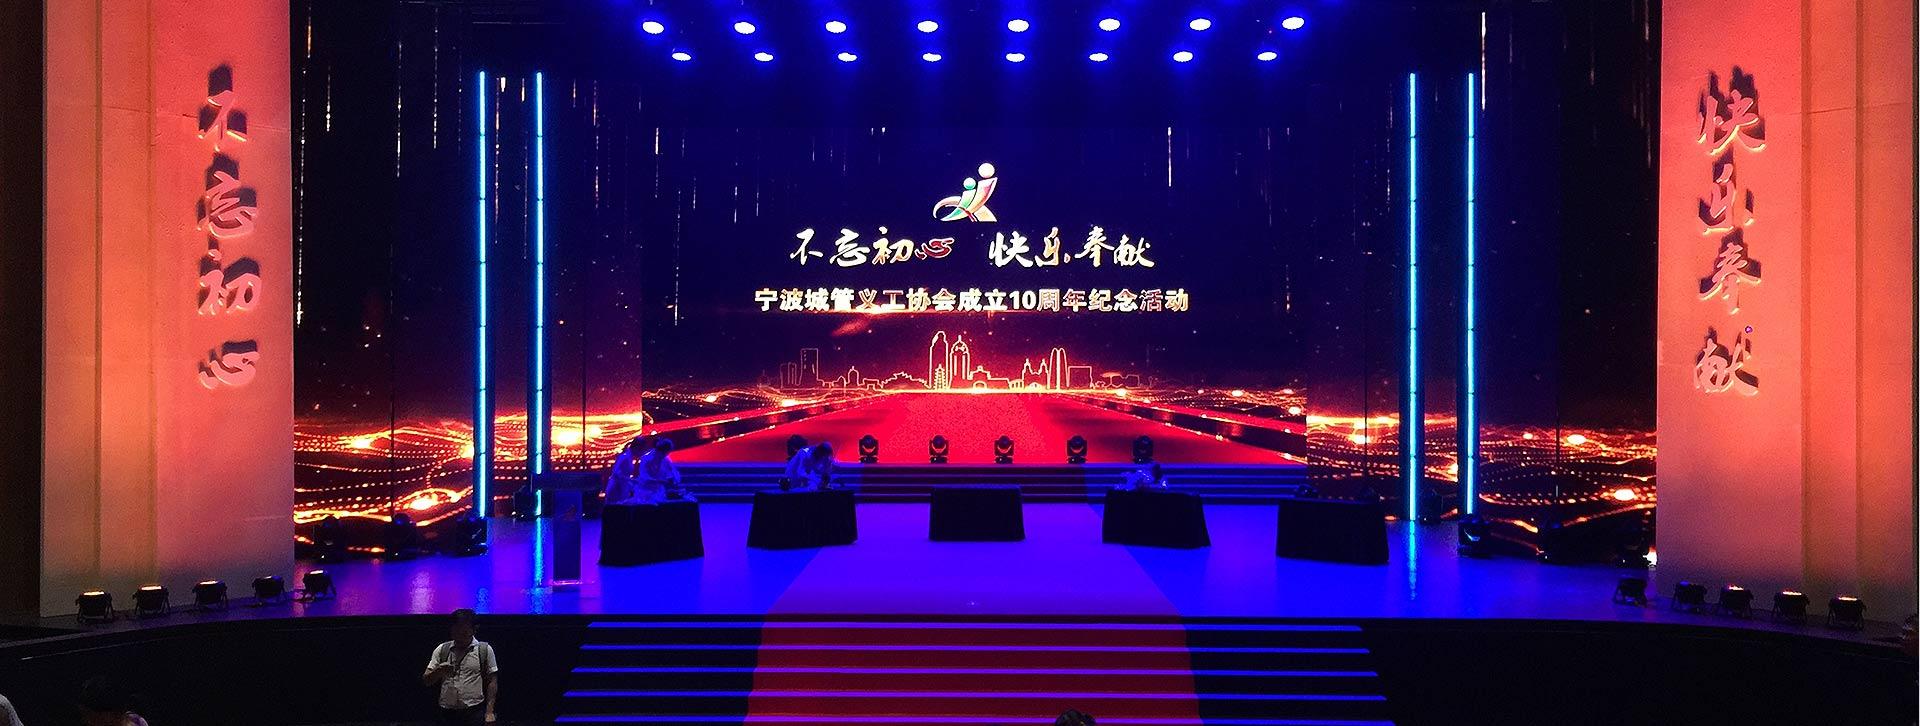 2019年宁波洲际酒店太平鸟年会灯光音响租赁